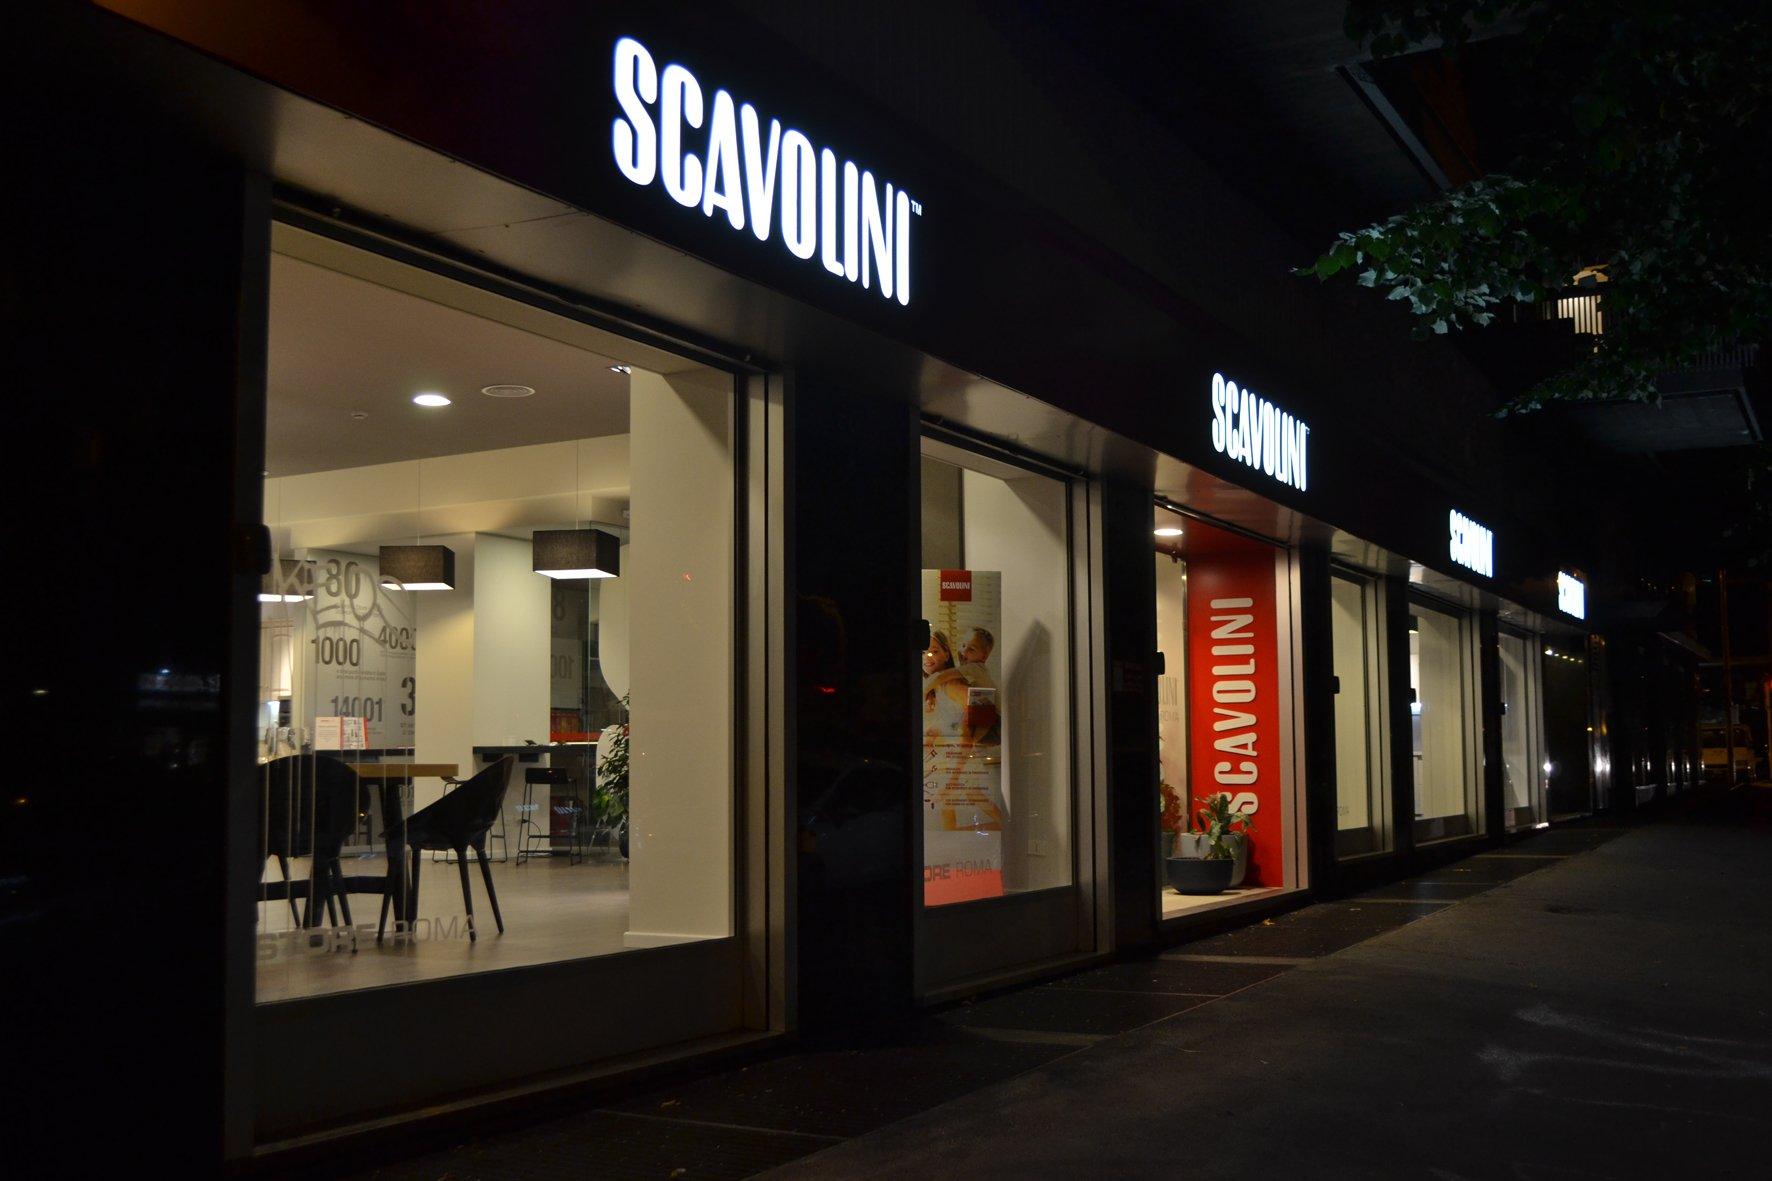 Scavolini apre un nuovo showroom a roma cose di casa for Showroom arredamento roma